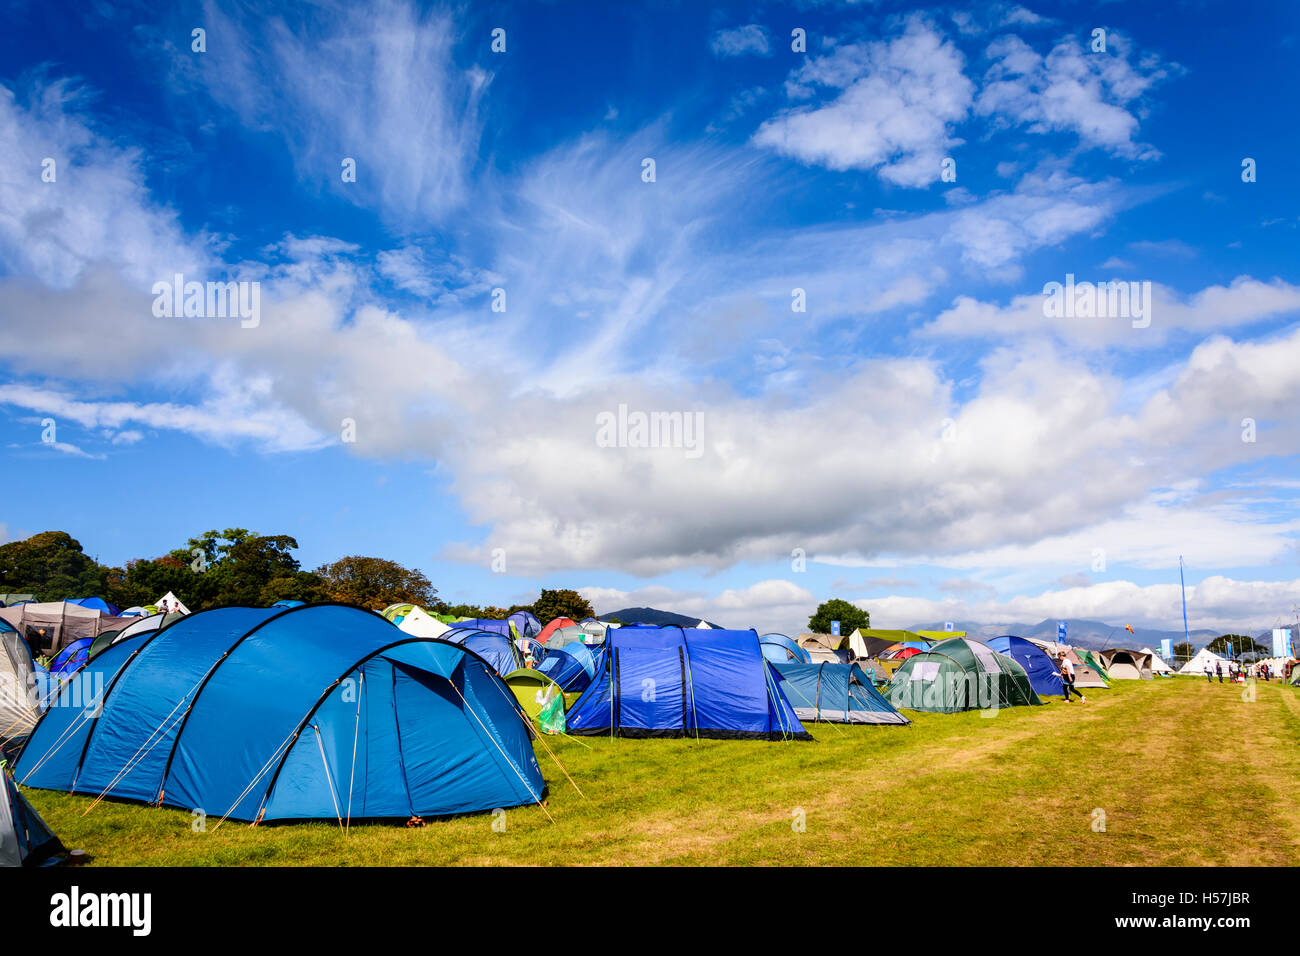 Eine Sammlung von bunten Zelten camping am Festival Nr. 6, Portmeirion, Wales, UK Stockfoto